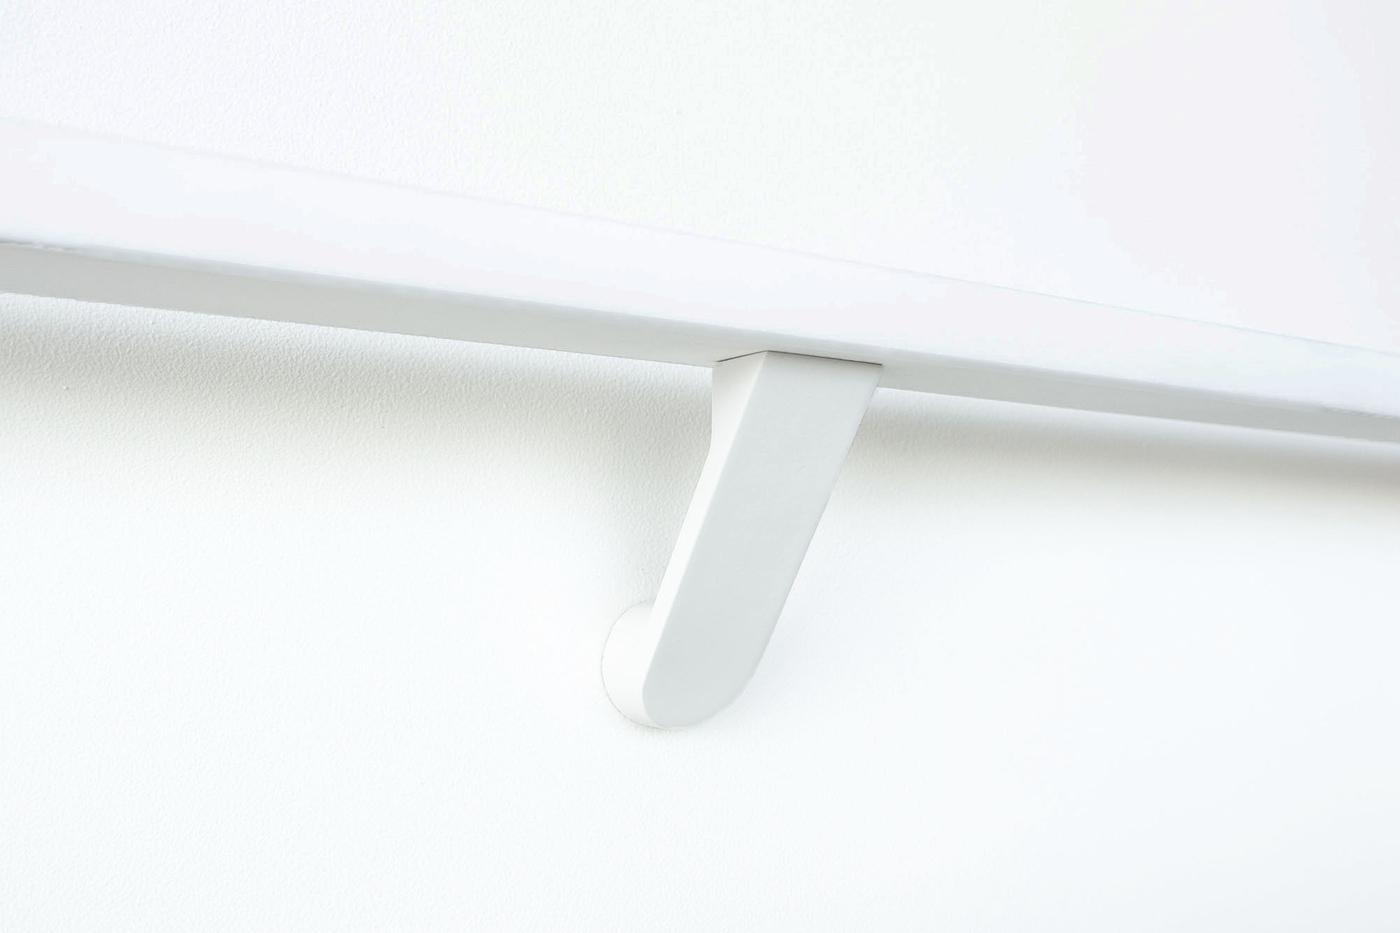 Modern-white-bracket-for-stair-rail